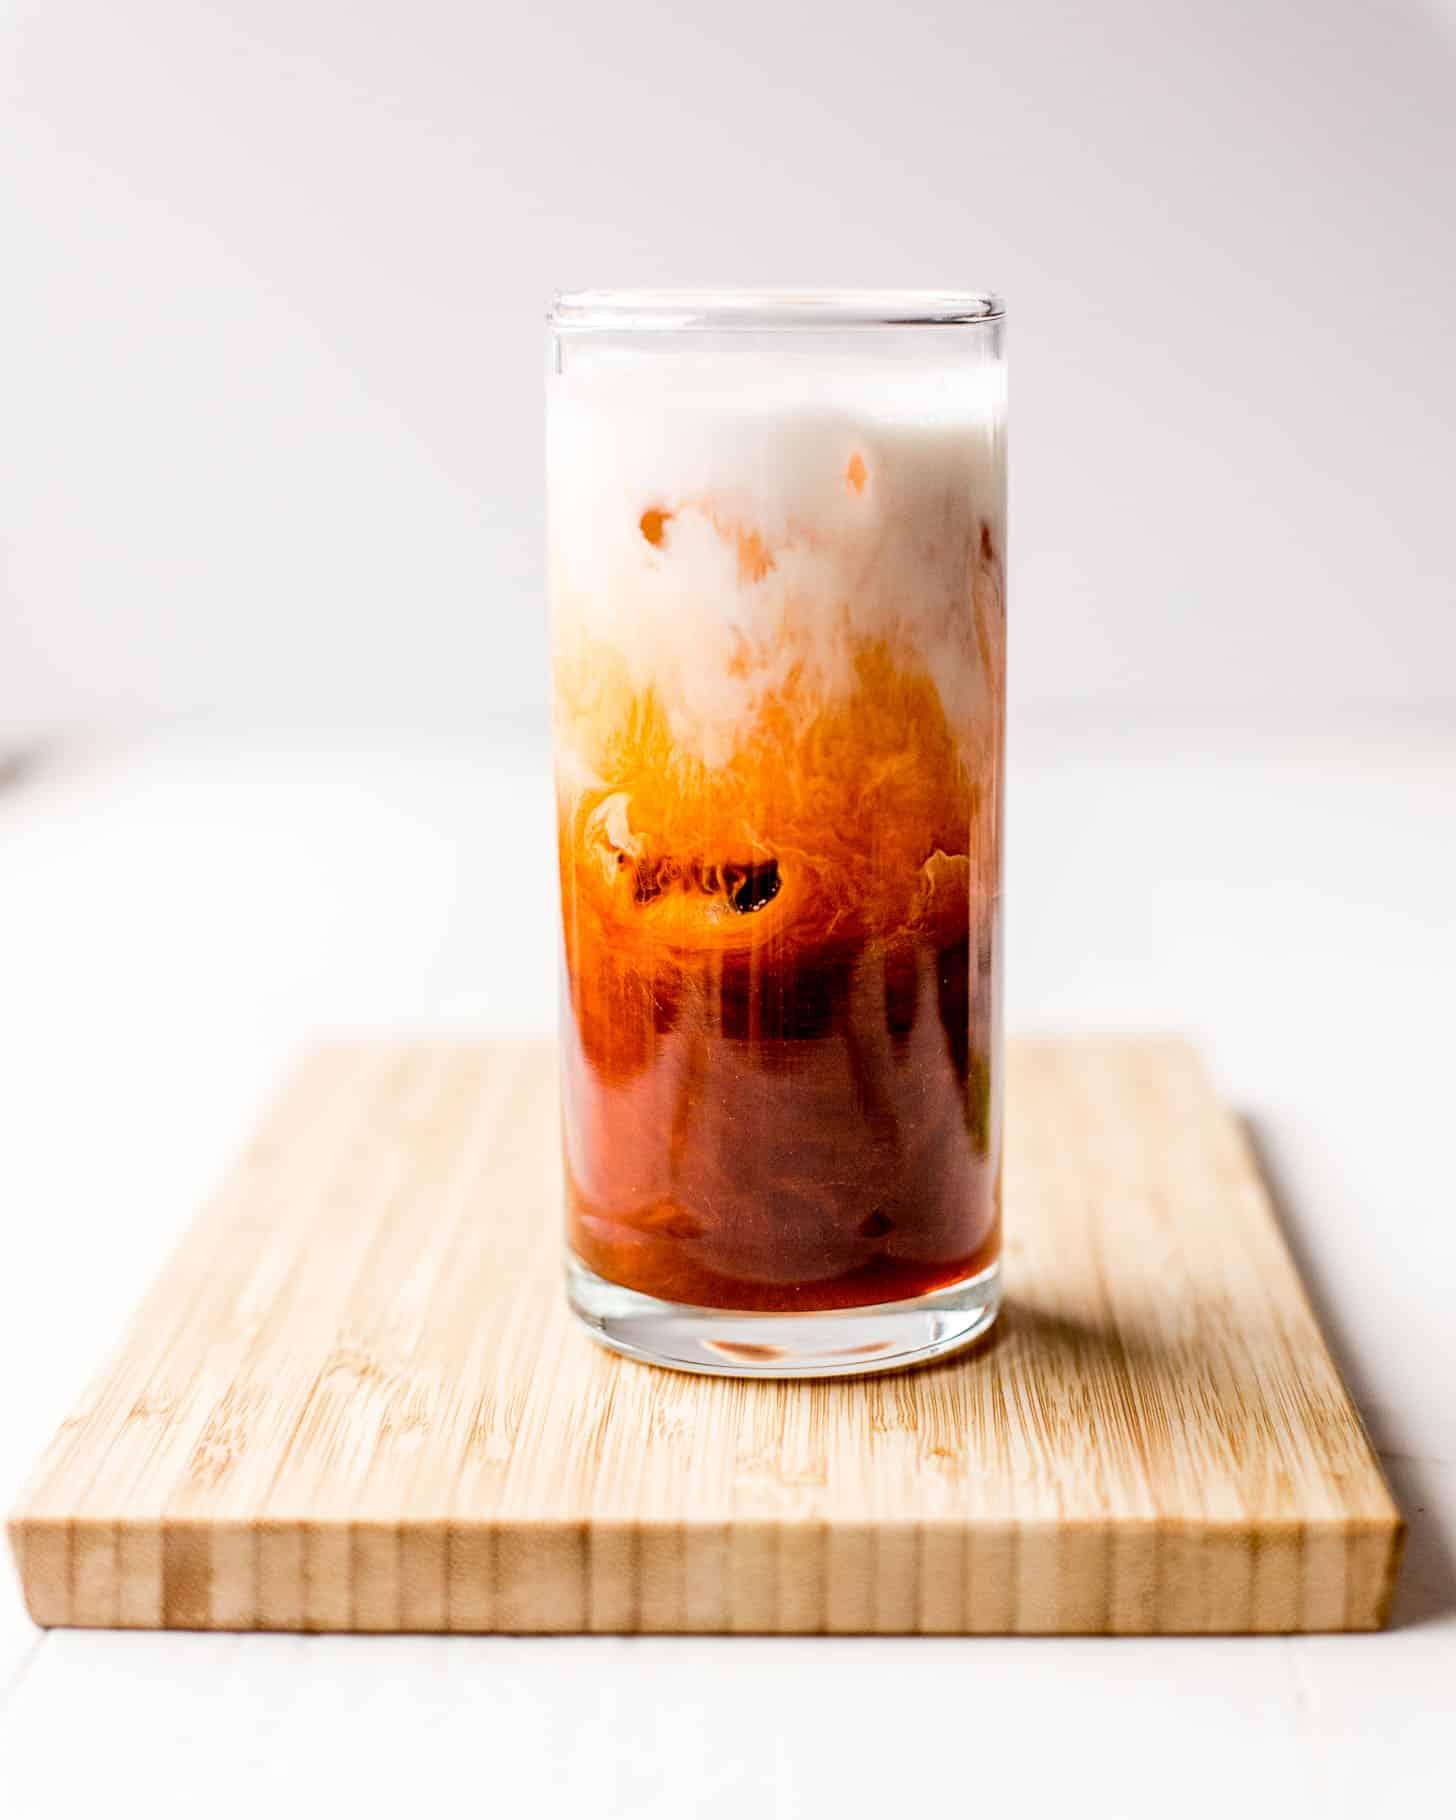 thai iced tea in a glass